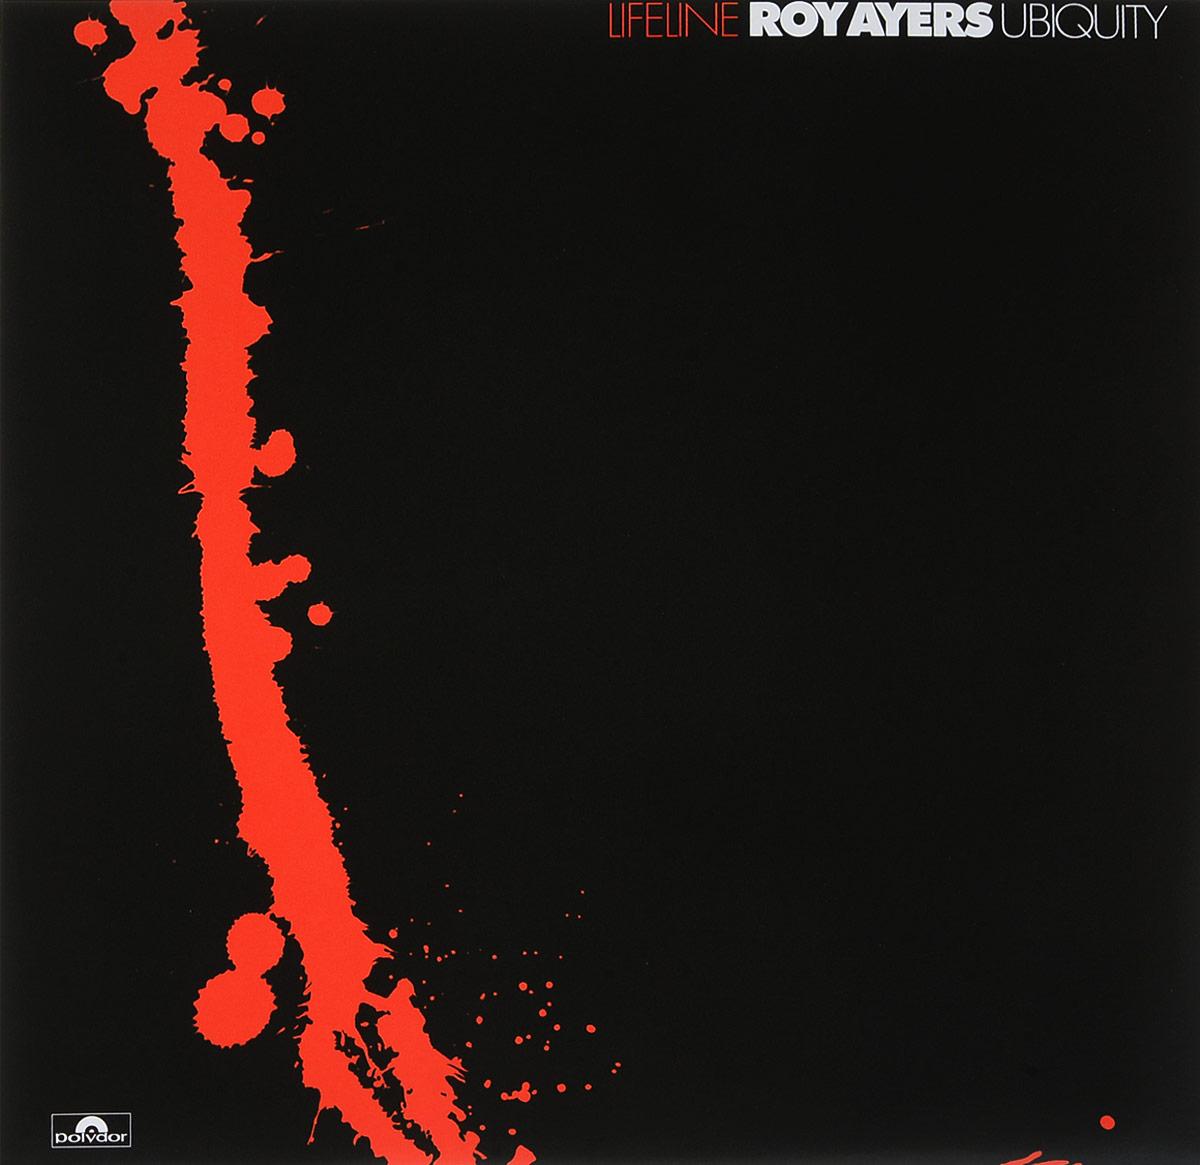 Рой Эйрс Roy Ayers Ubiquity. Lifeline (LP) рой эйрс roy ayers ubiquity lifeline lp